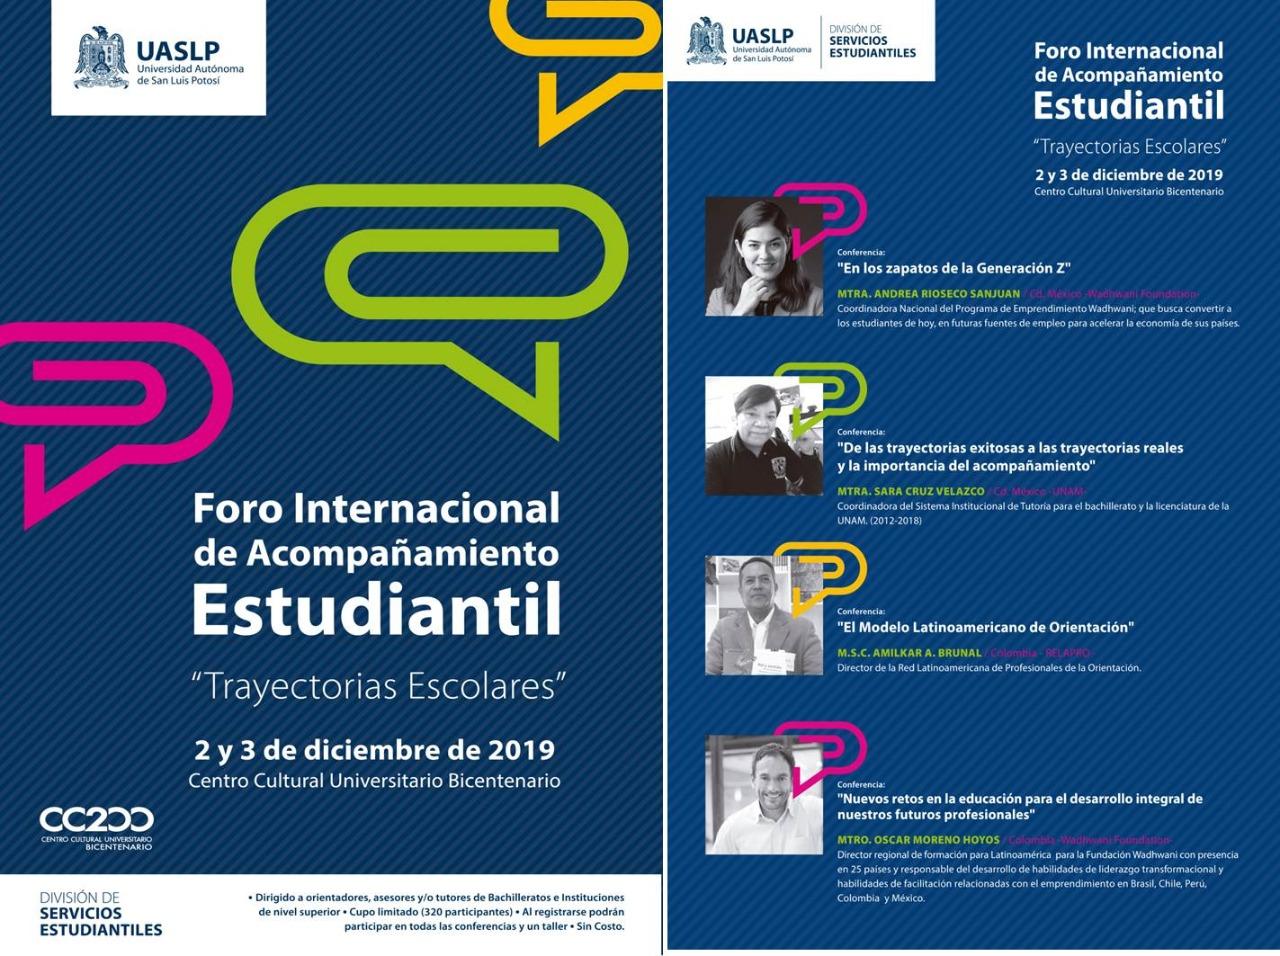 Foro Internacional de Acompañamiento Estudiantil